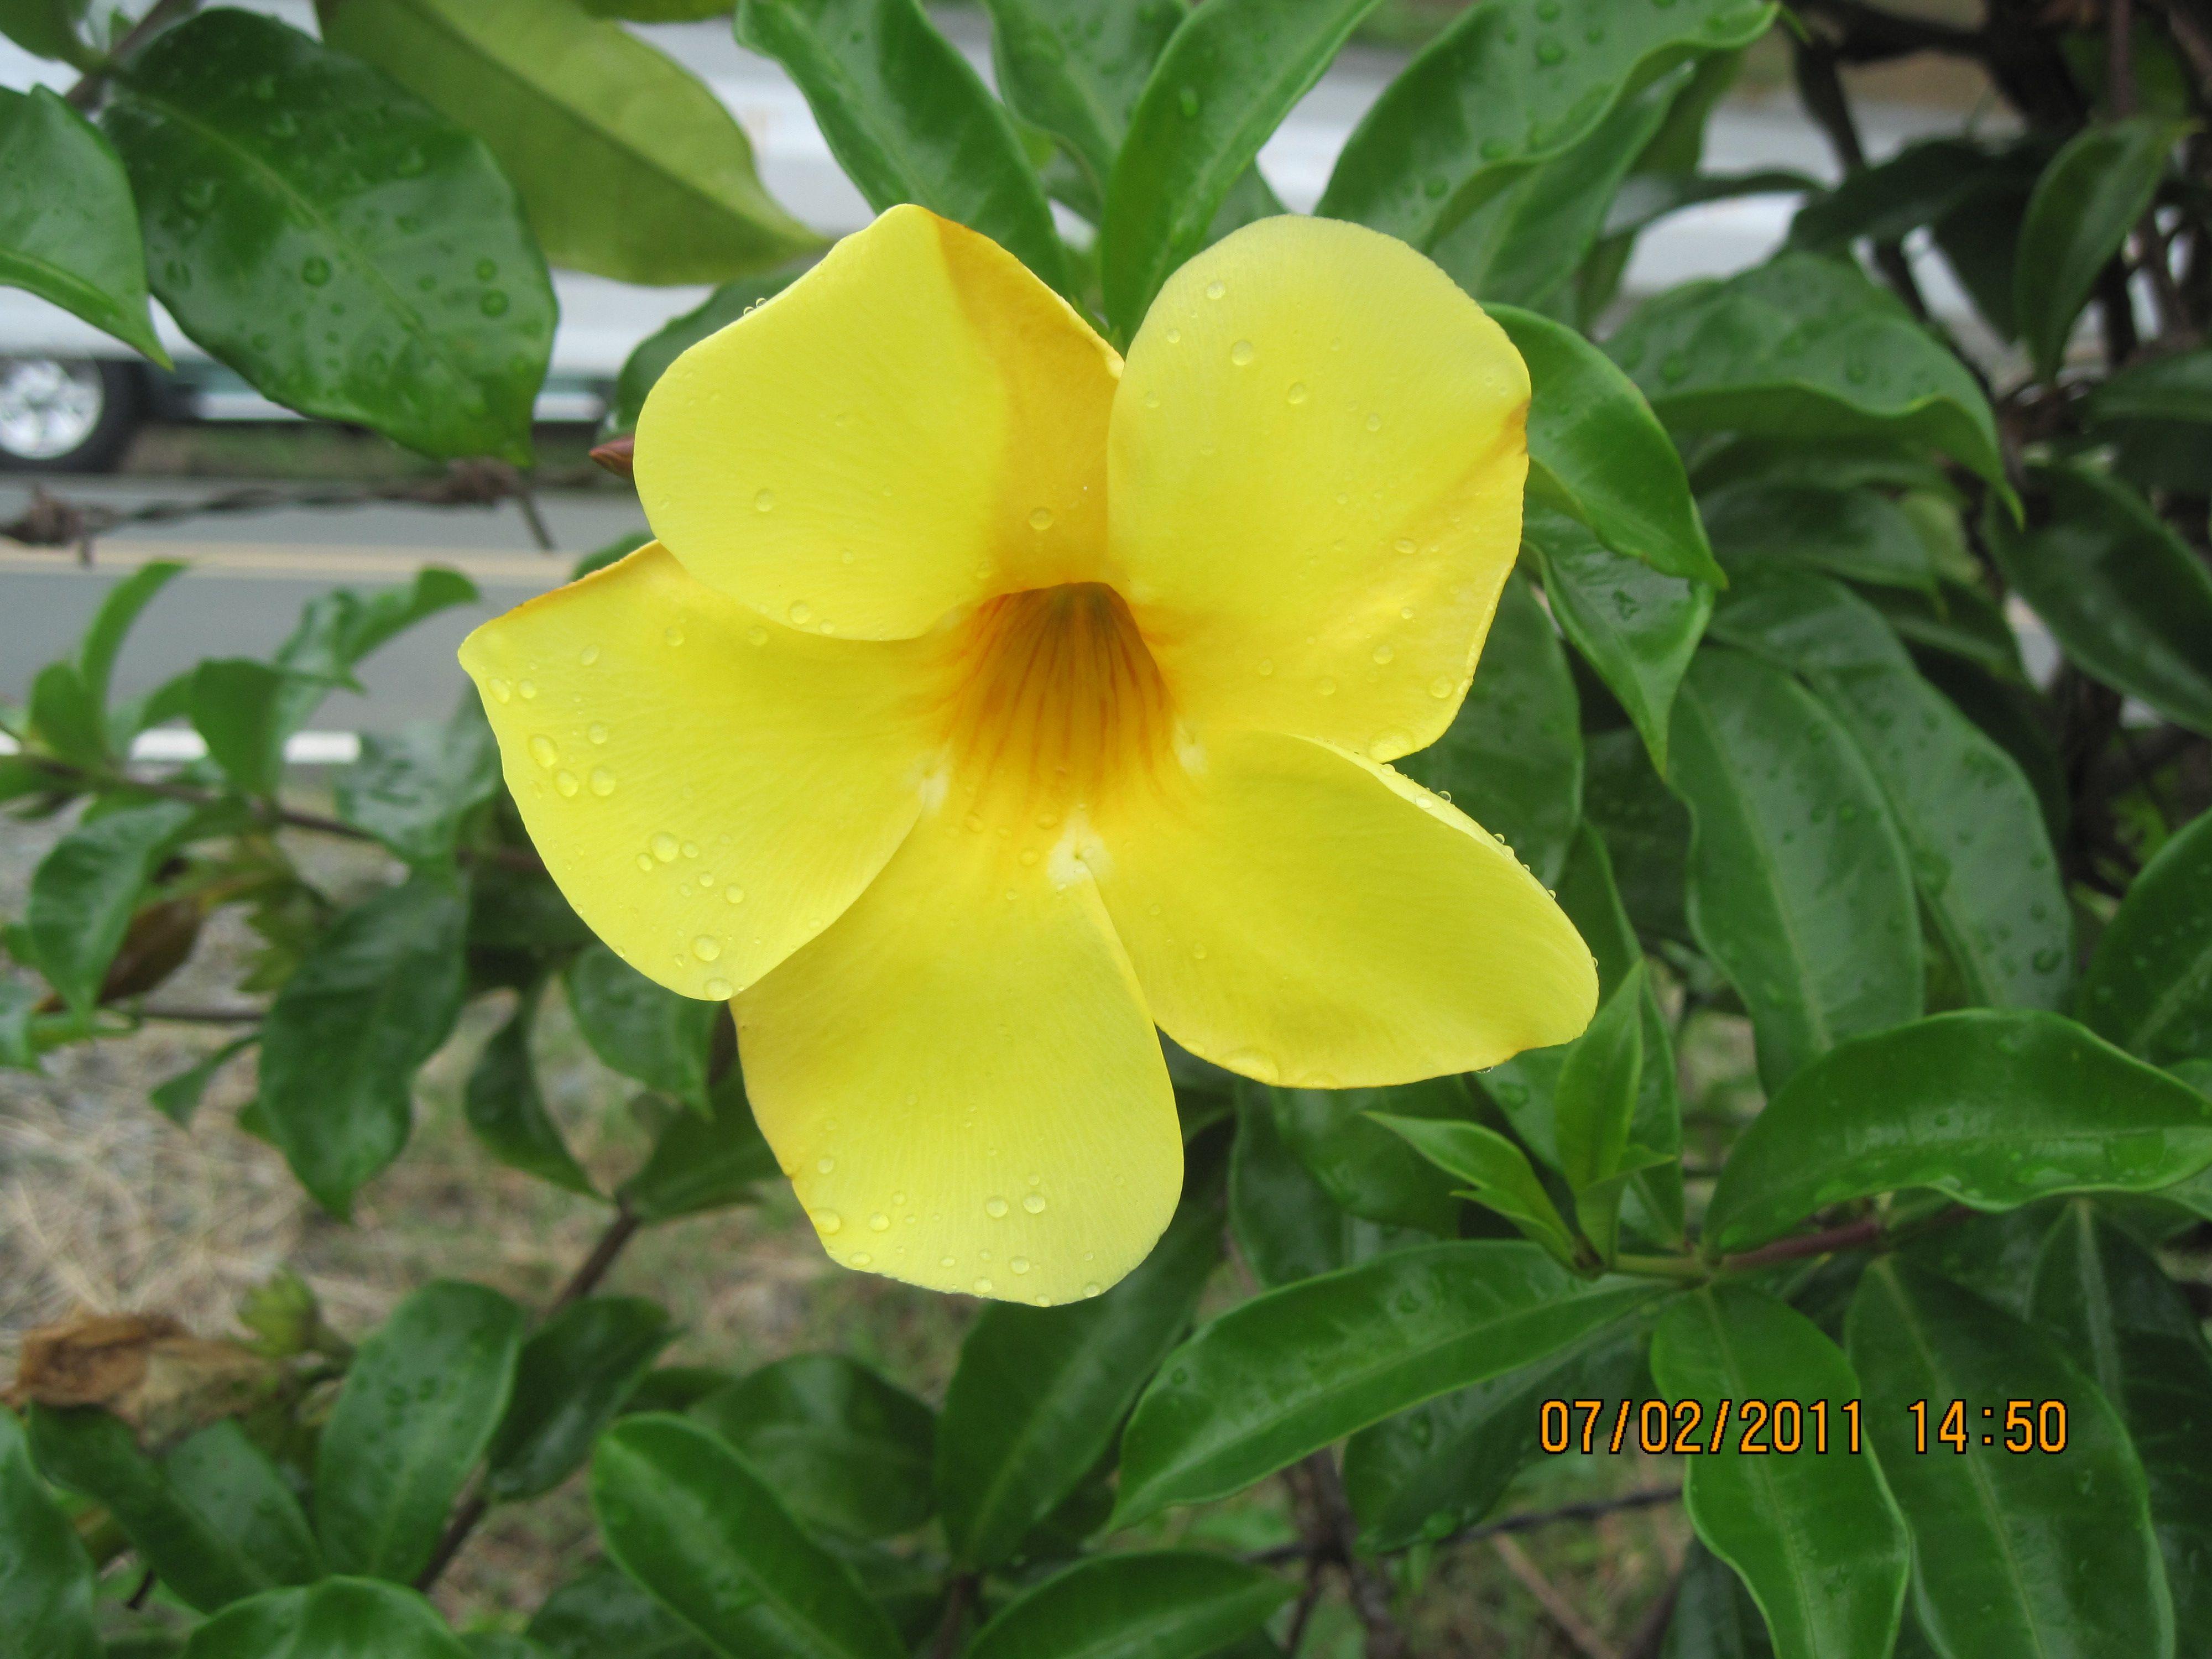 Yellow Bell Flower Garden landscaping, Flowers, Garden